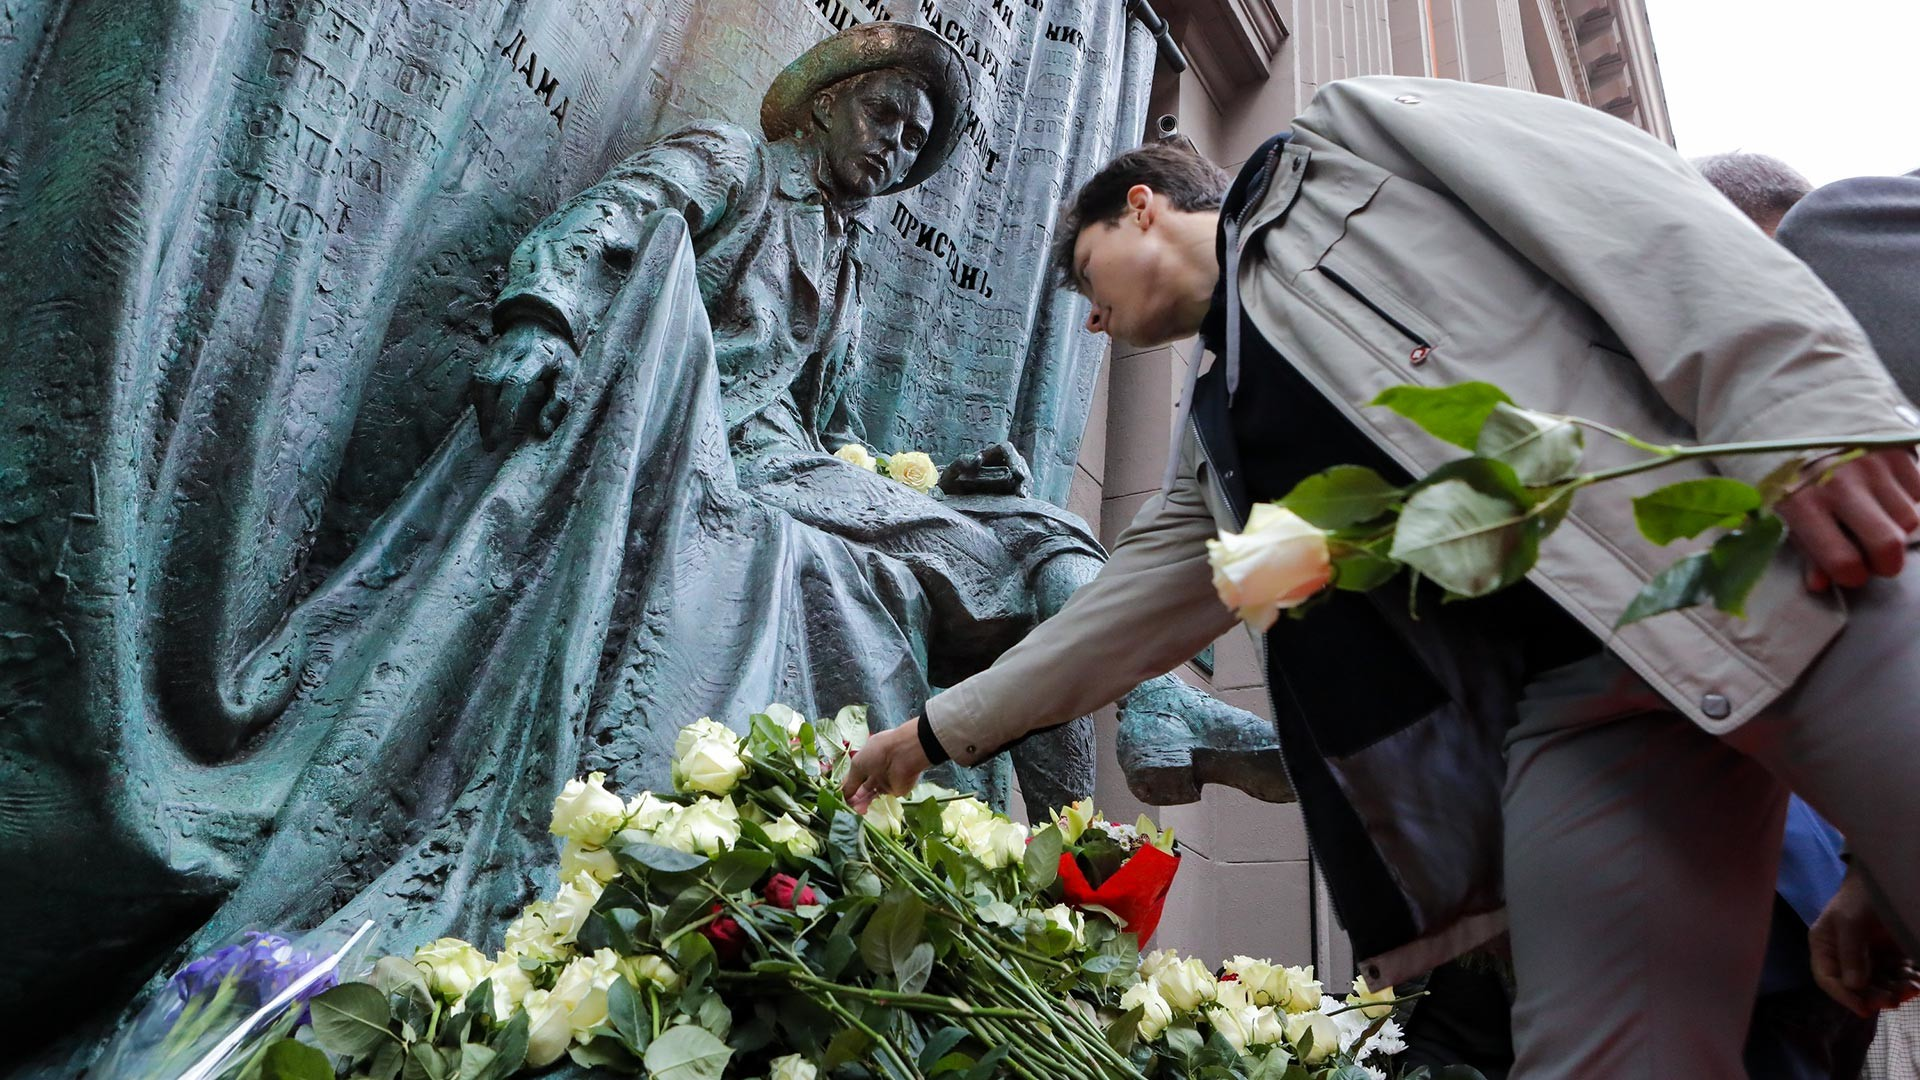 Inauguration du monument en l'honneur du centenaire du théâtre Vakhtangov, qui sera célébré en 2021 à Moscou